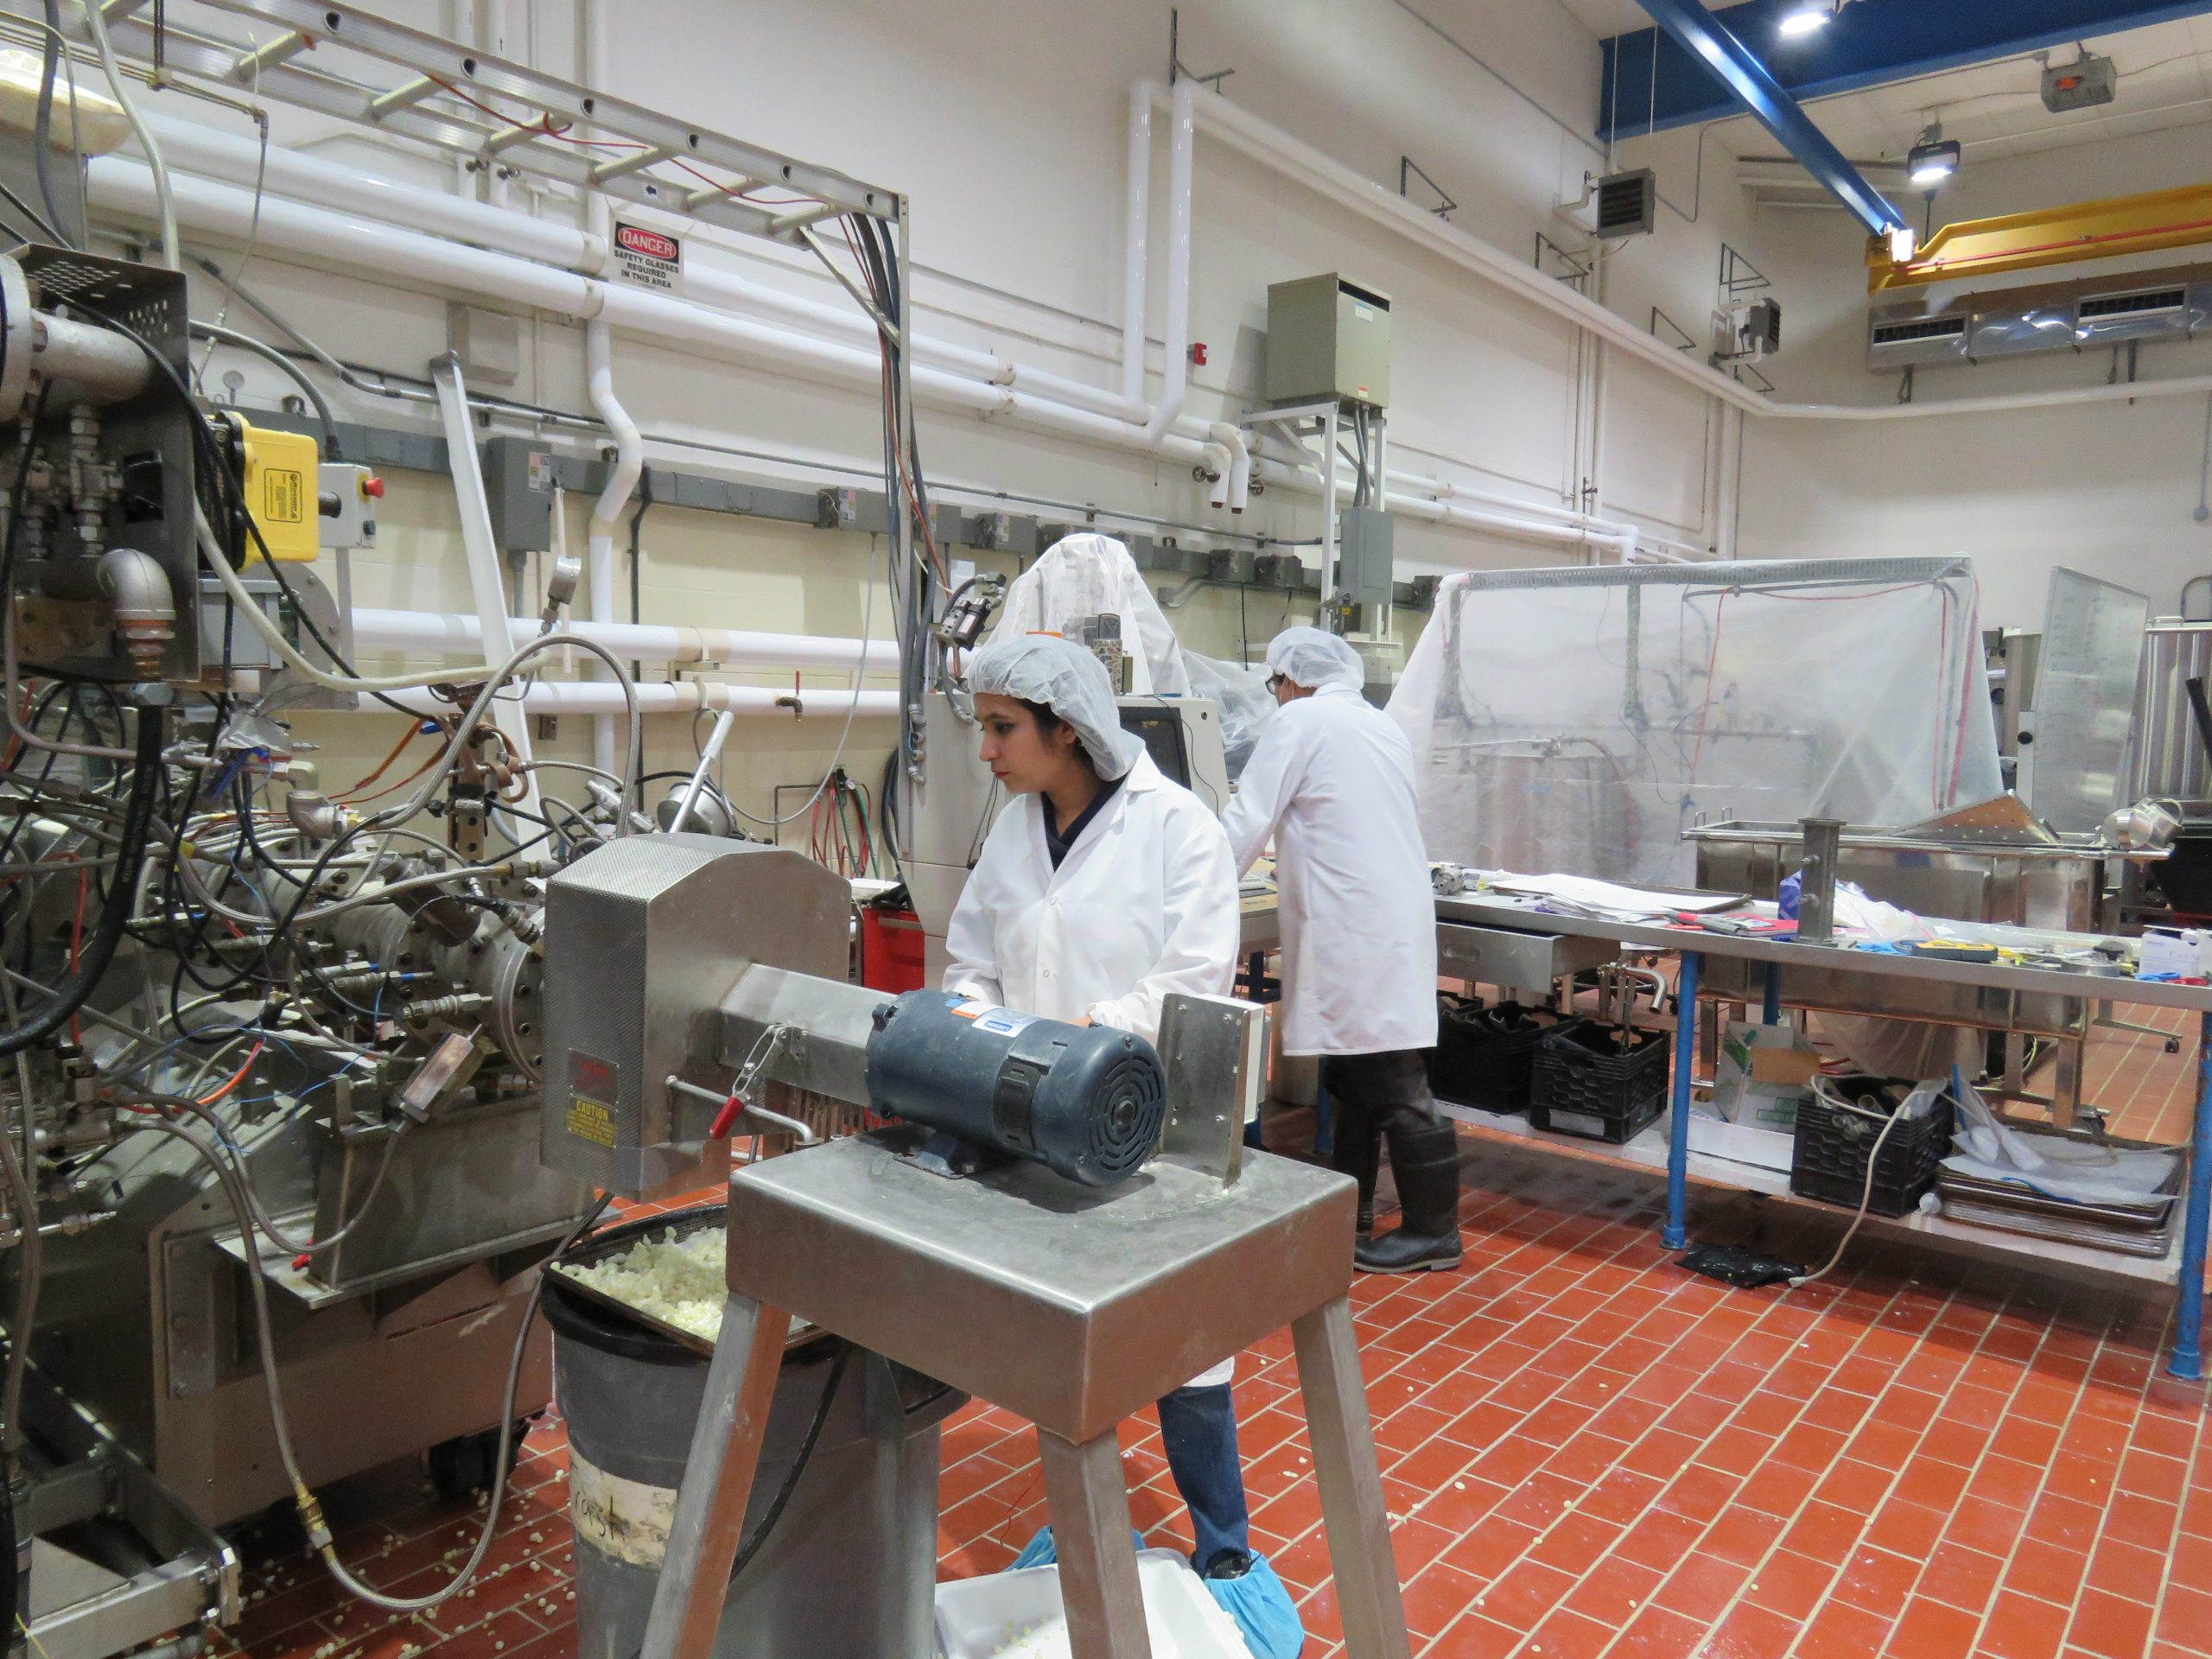 Bindvi Arora stands behind an extruder machine